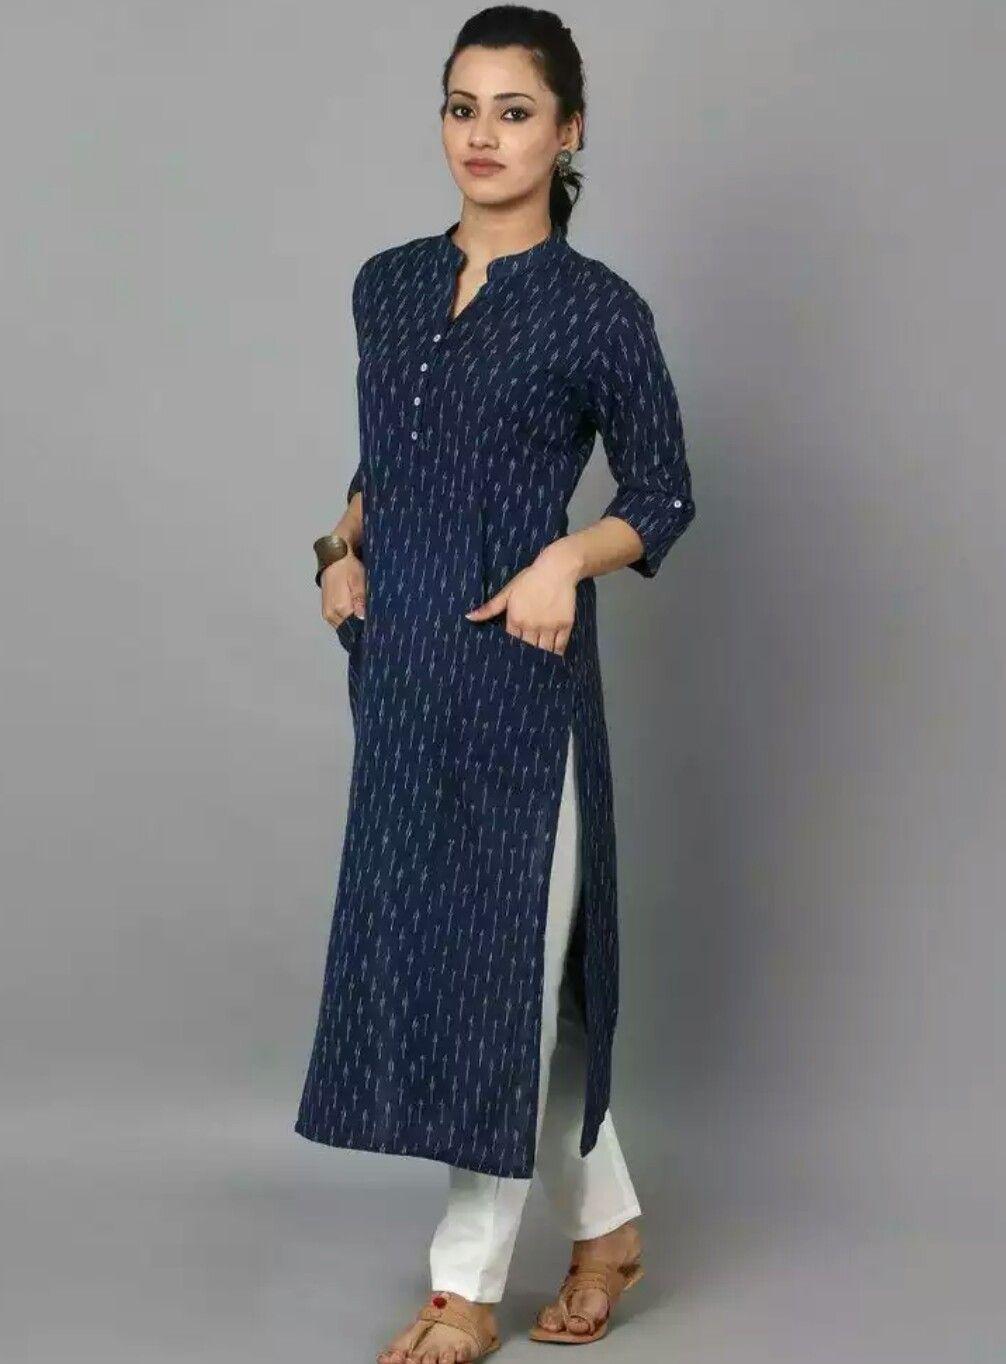 Light blue top - wooden buttons | Stitch | Pinterest | Kleider